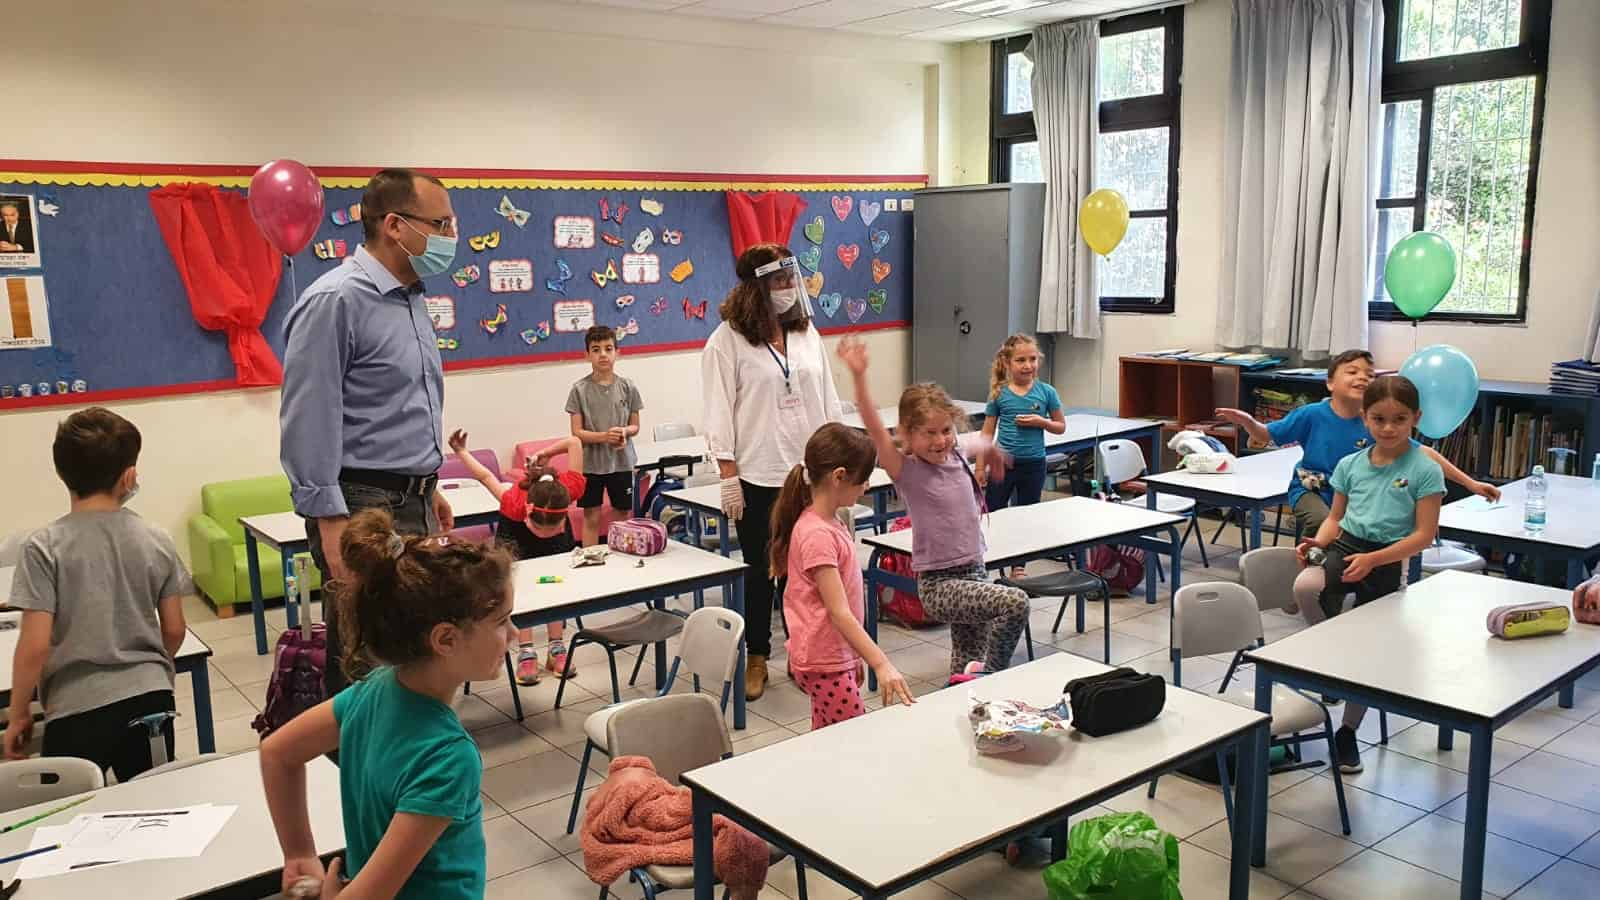 קוניק מסייר בכיתות. צילום: עיריית גבעתיים